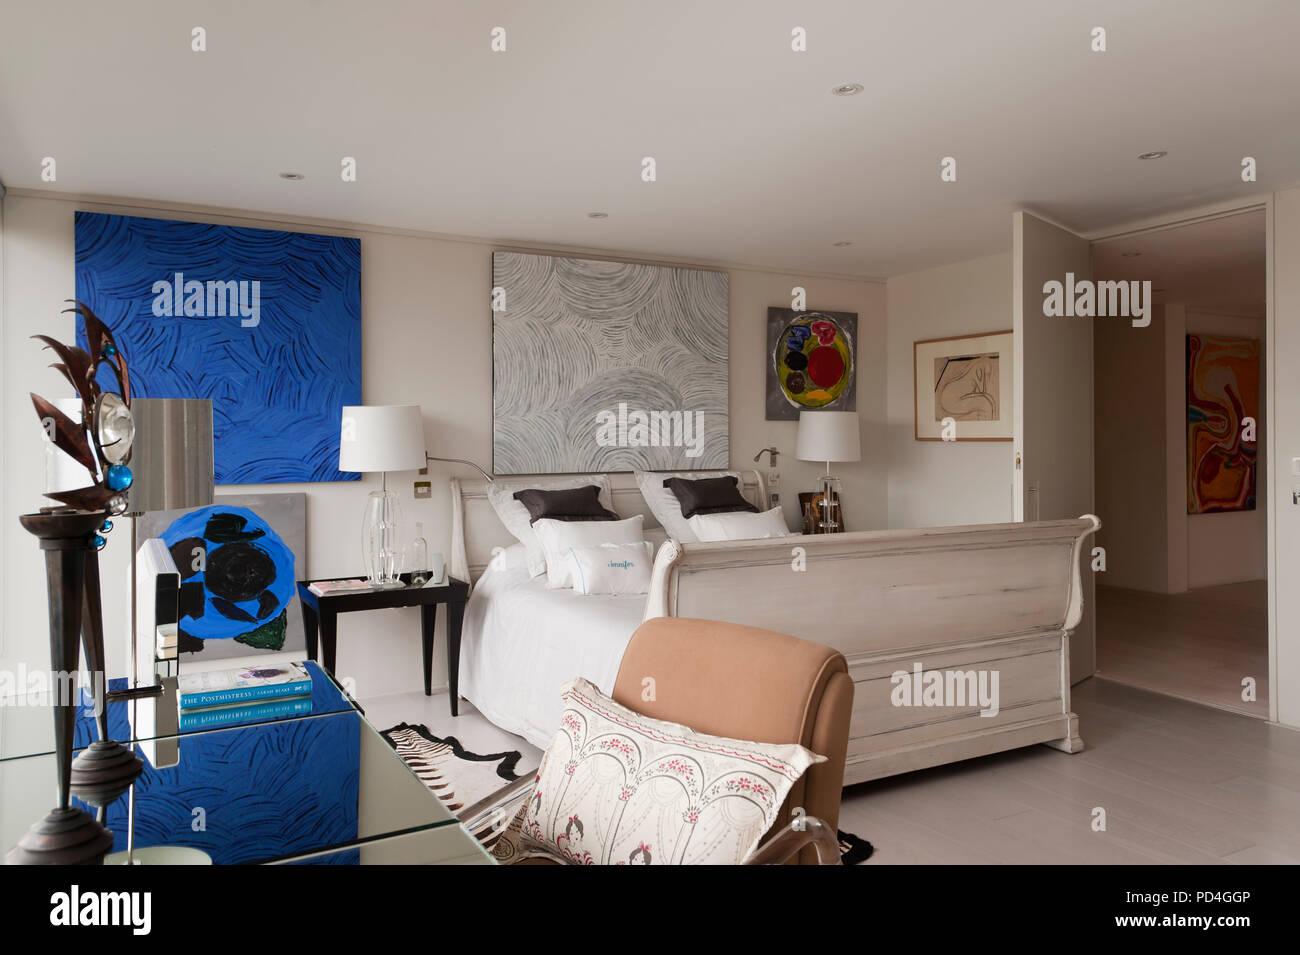 Stile moderno camera da letto Foto & Immagine Stock: 214615766 - Alamy